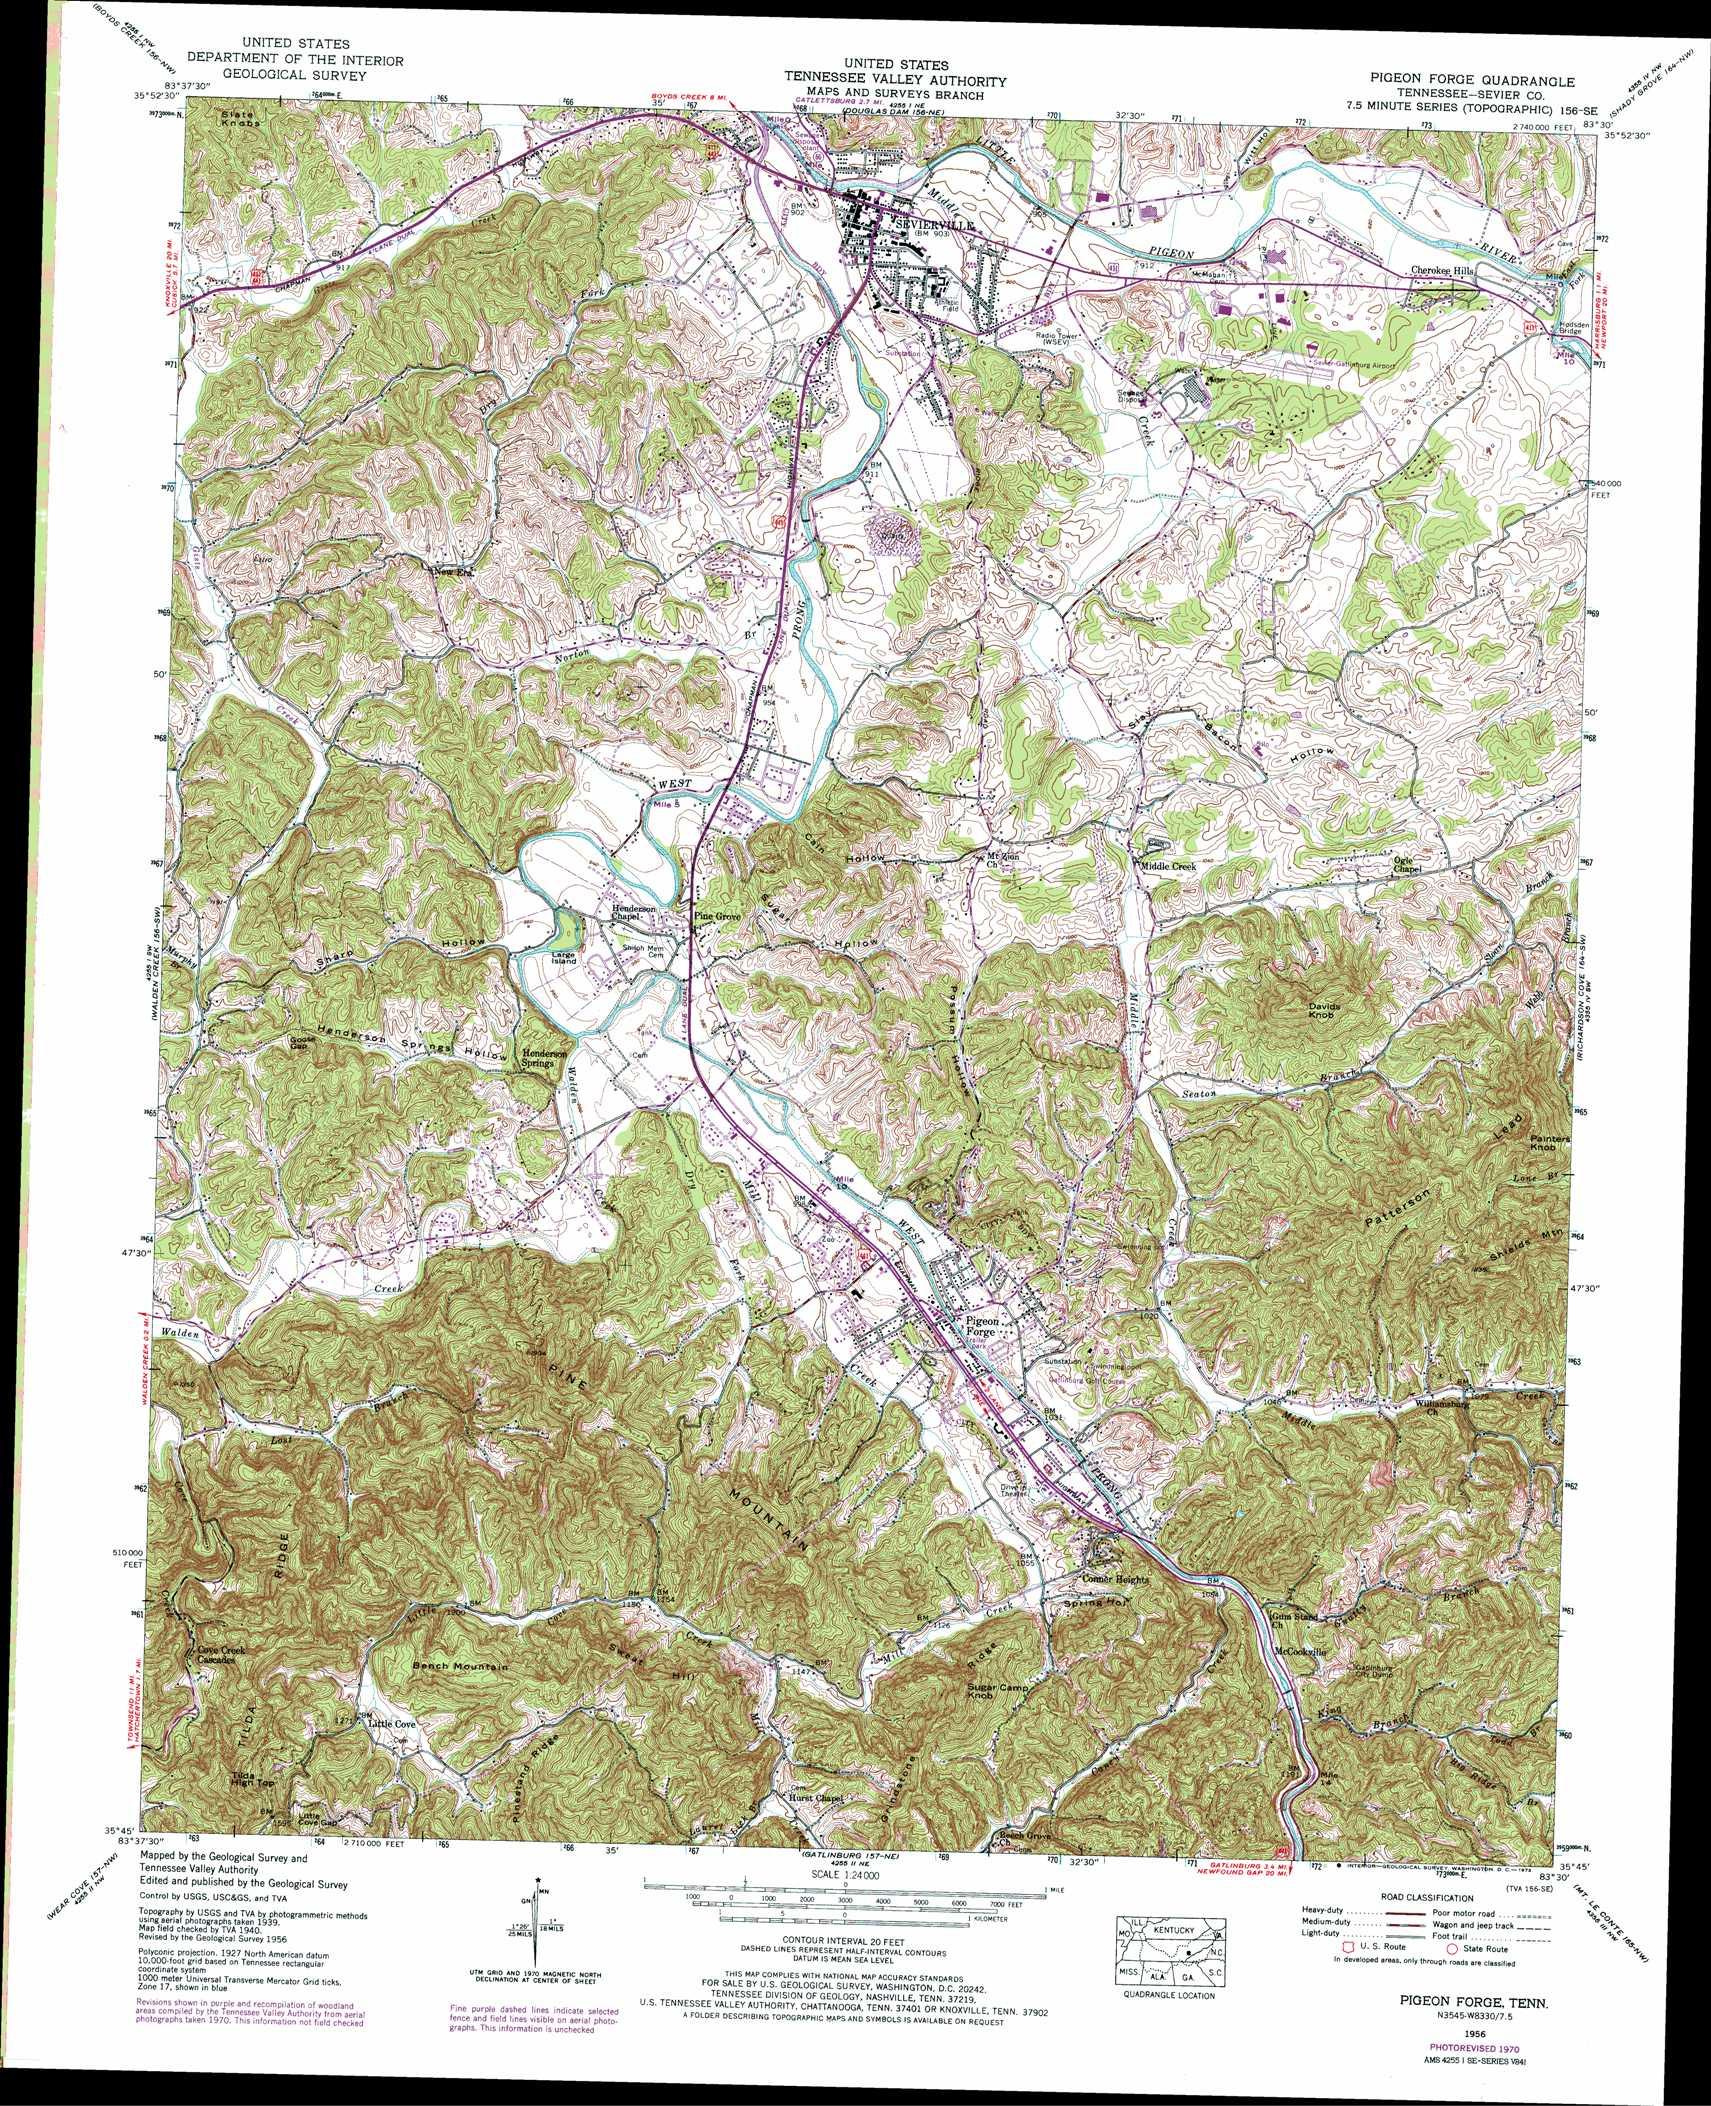 100 Cades Cove Map Fun U0026 Educational Near